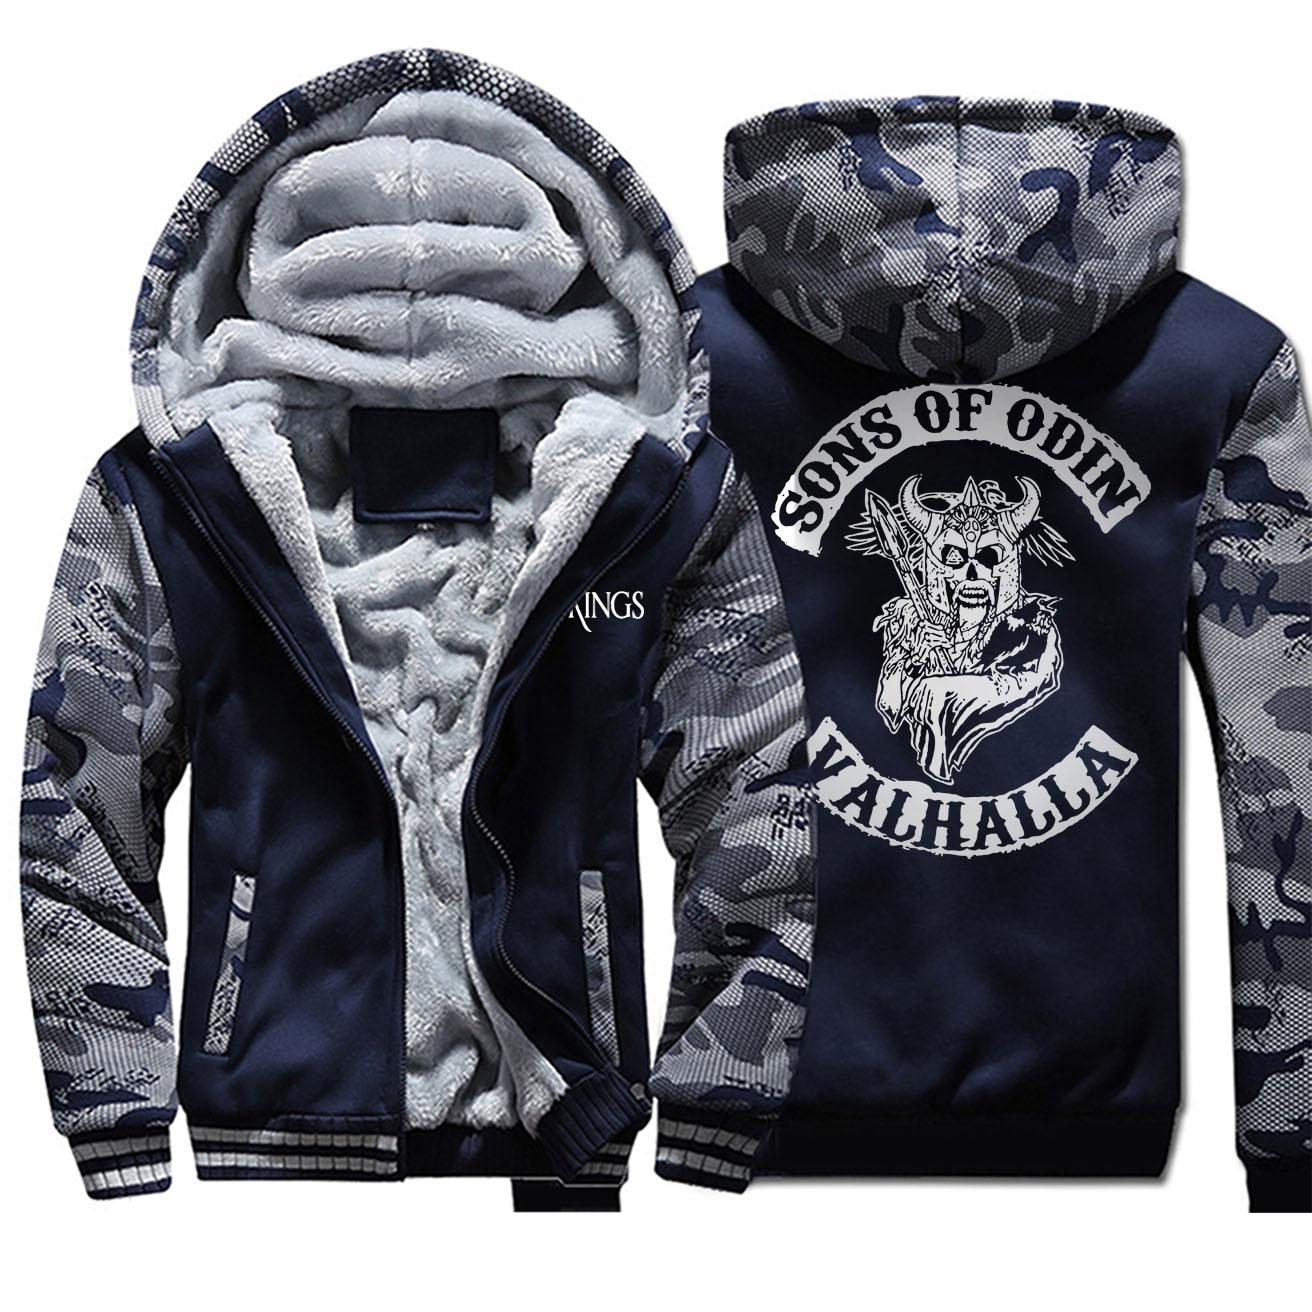 Aons de Odin Valhalla estampado Vintage sudaderas con capucha 2019 nuevo invierno sudadera Raglan hombre Hip Hop divertido camuflaje con cremallera ropa de abrigo